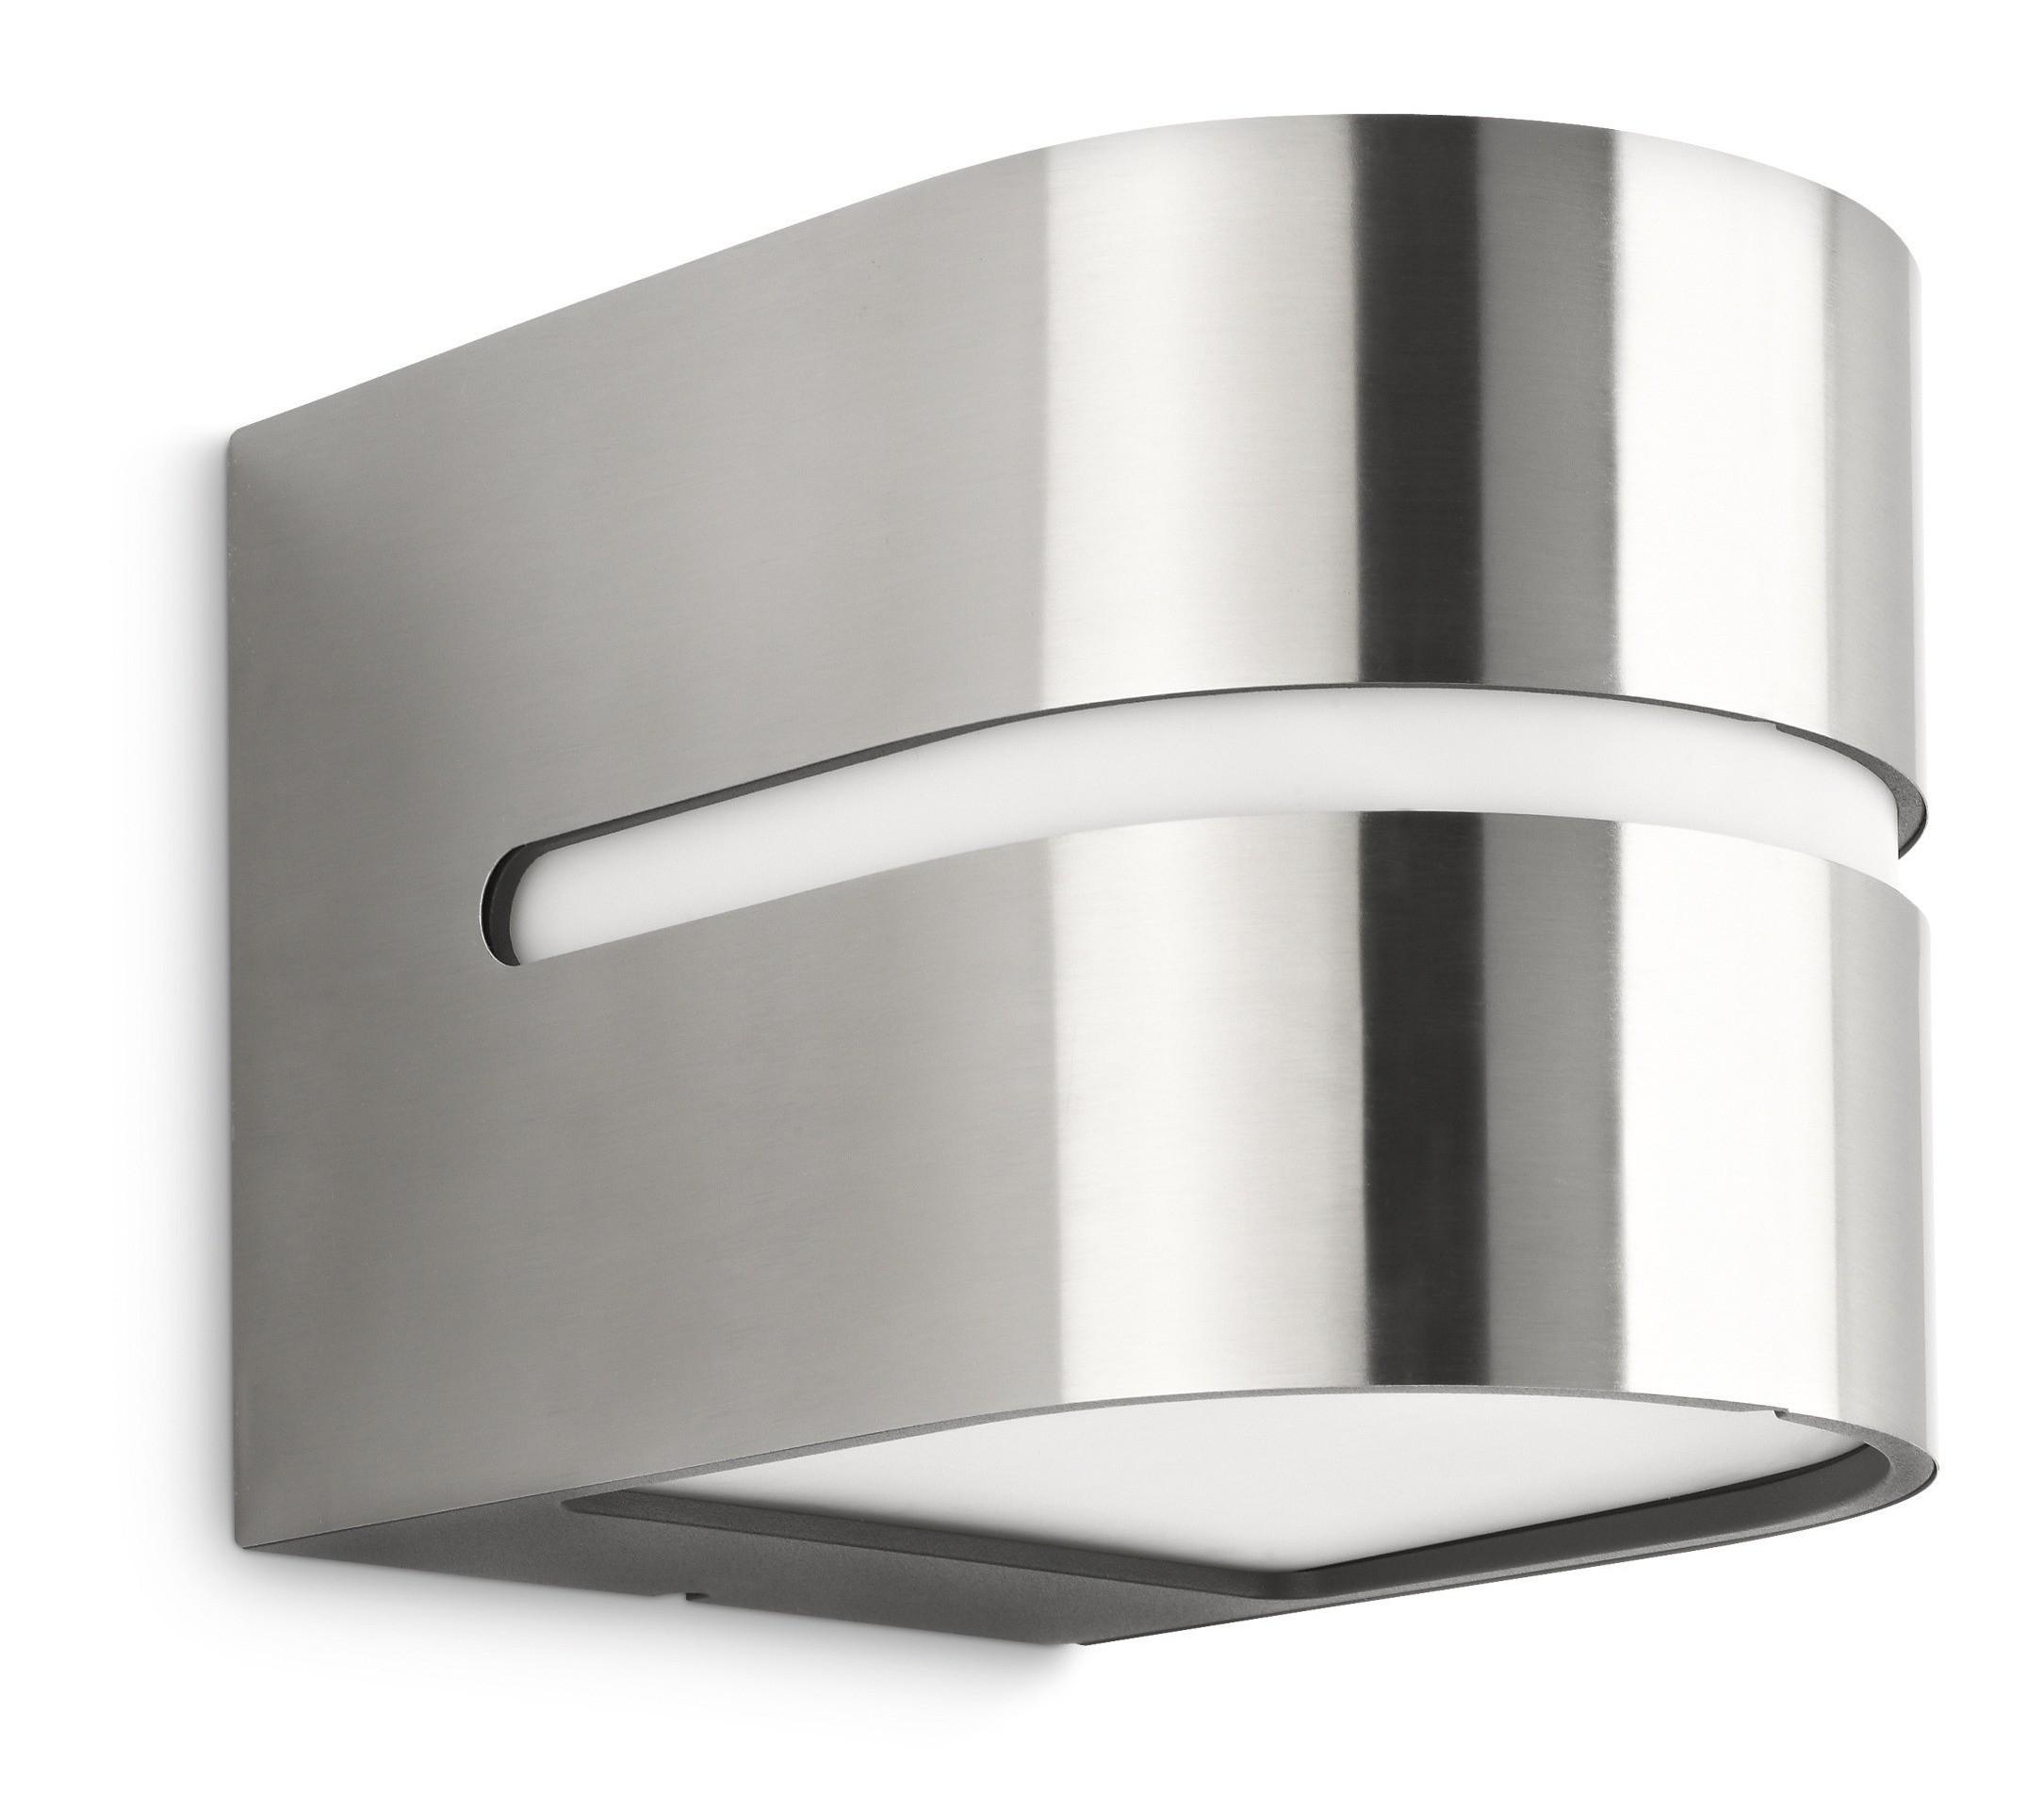 Philips hazel 169284716 rvs ecomoods outdoor wandlamp for Catalogue philips eclairage exterieur